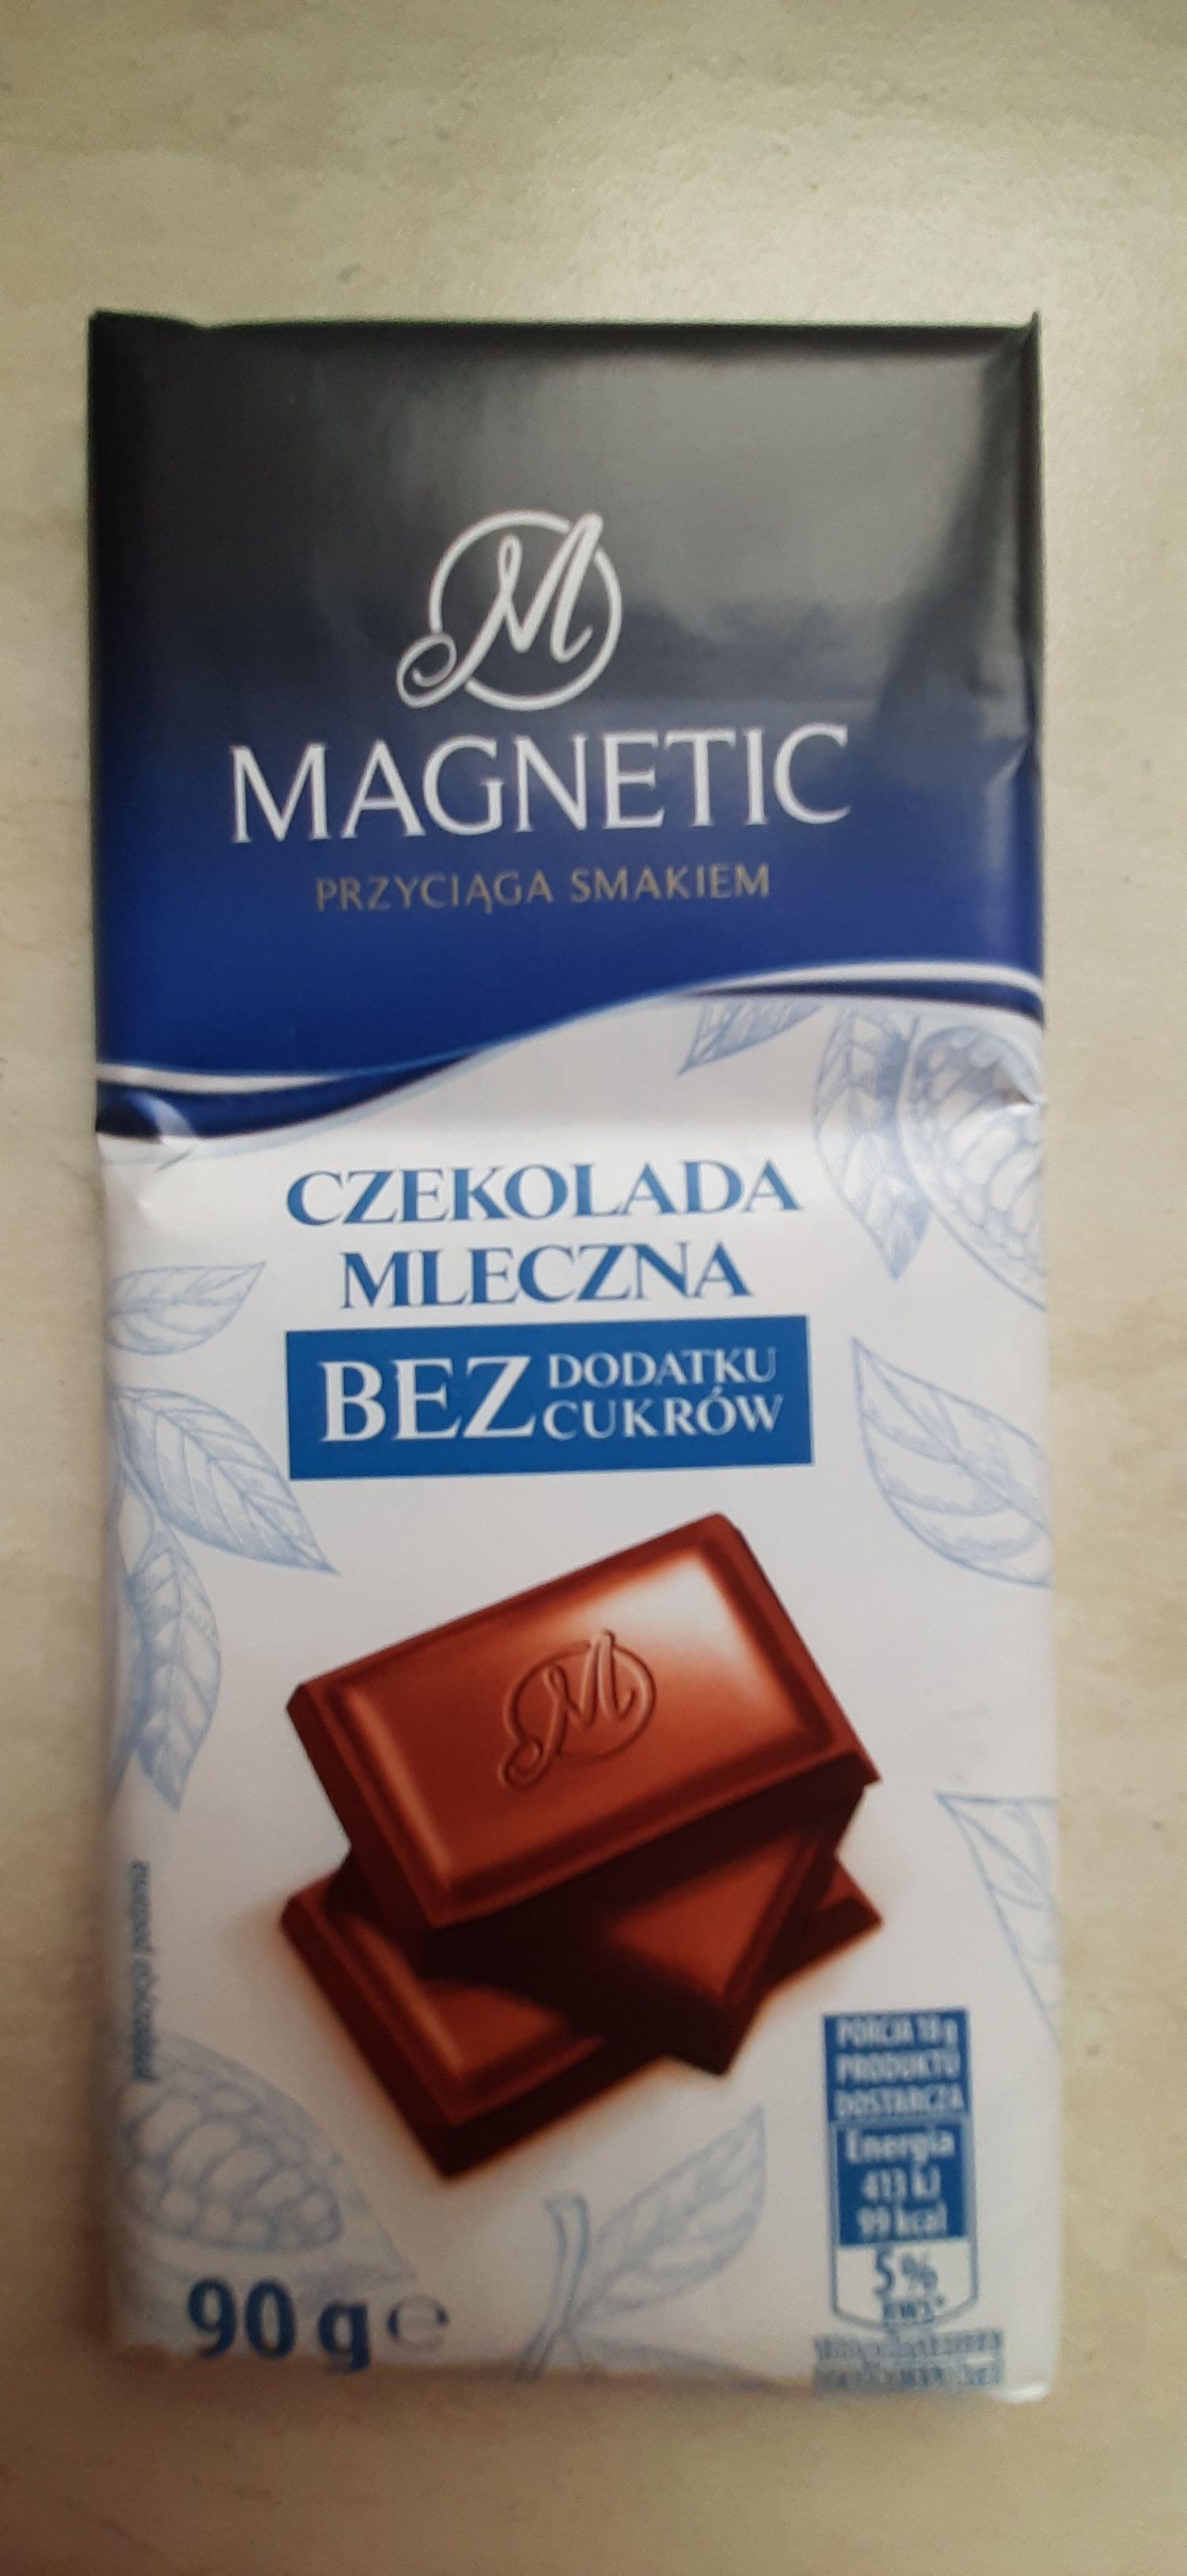 Magnetic, Czekolada Mleczna/Gorzka bez dodatku cukrów, Biedronka